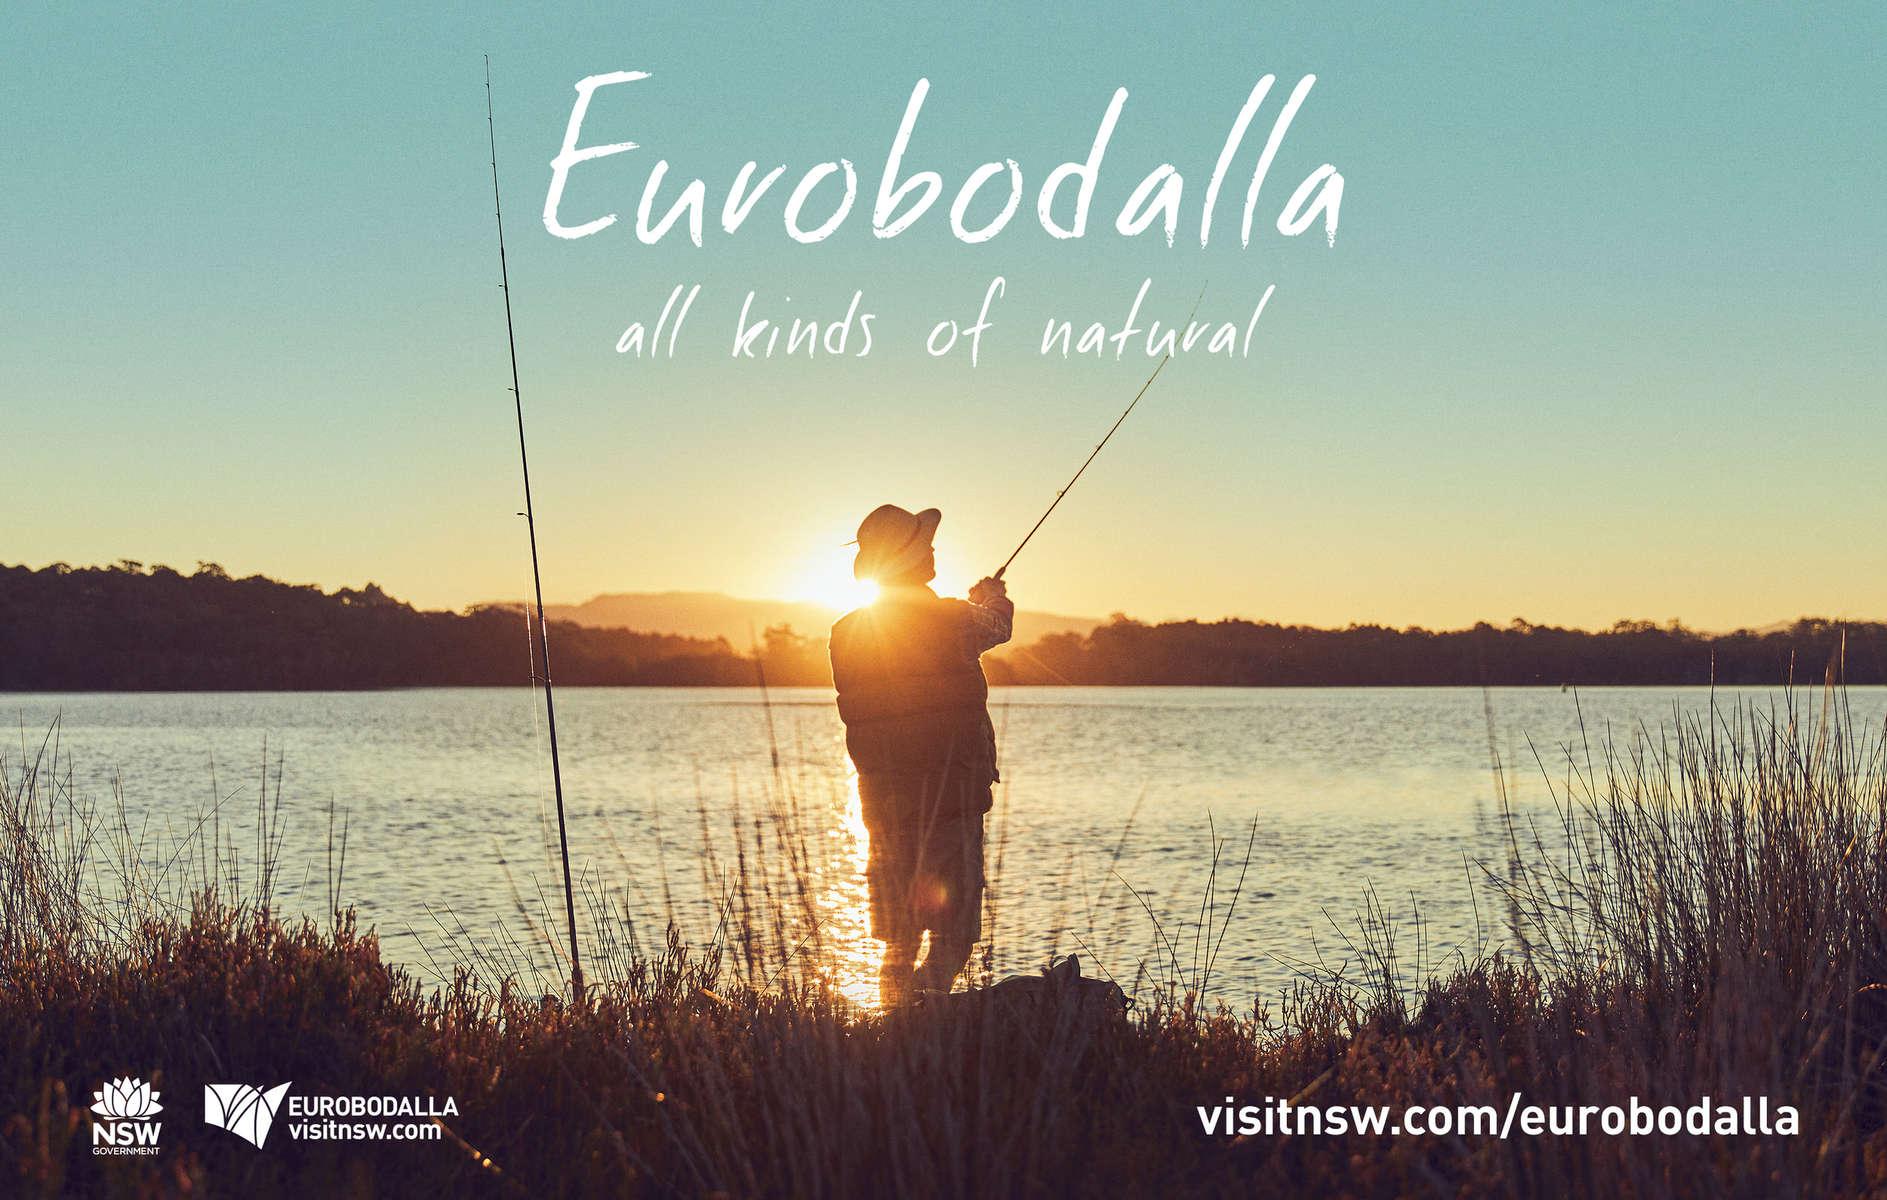 eurobodalla_L03